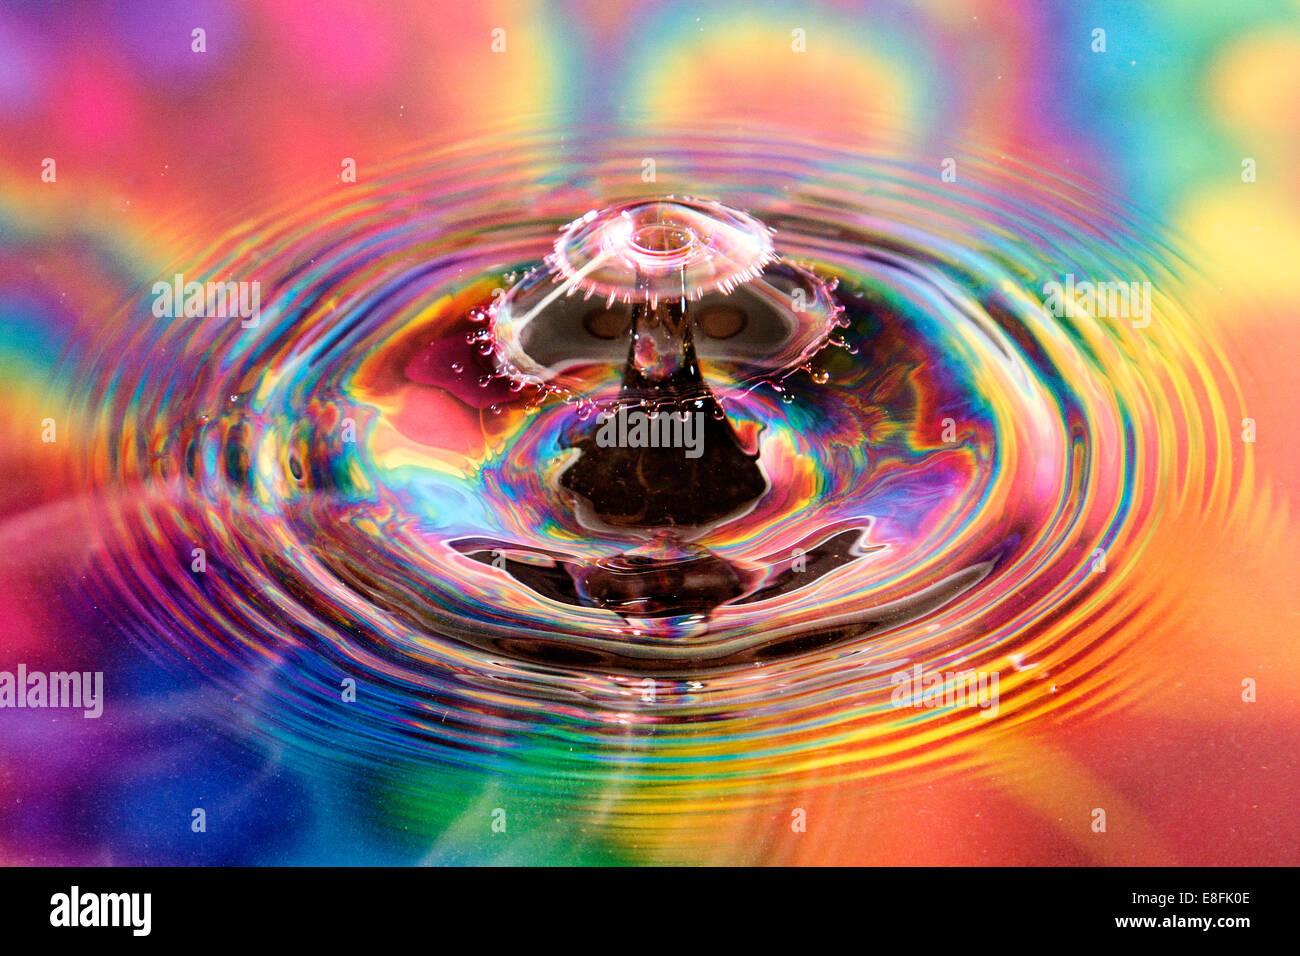 Goutte d'eau avec fond coloré Banque D'Images